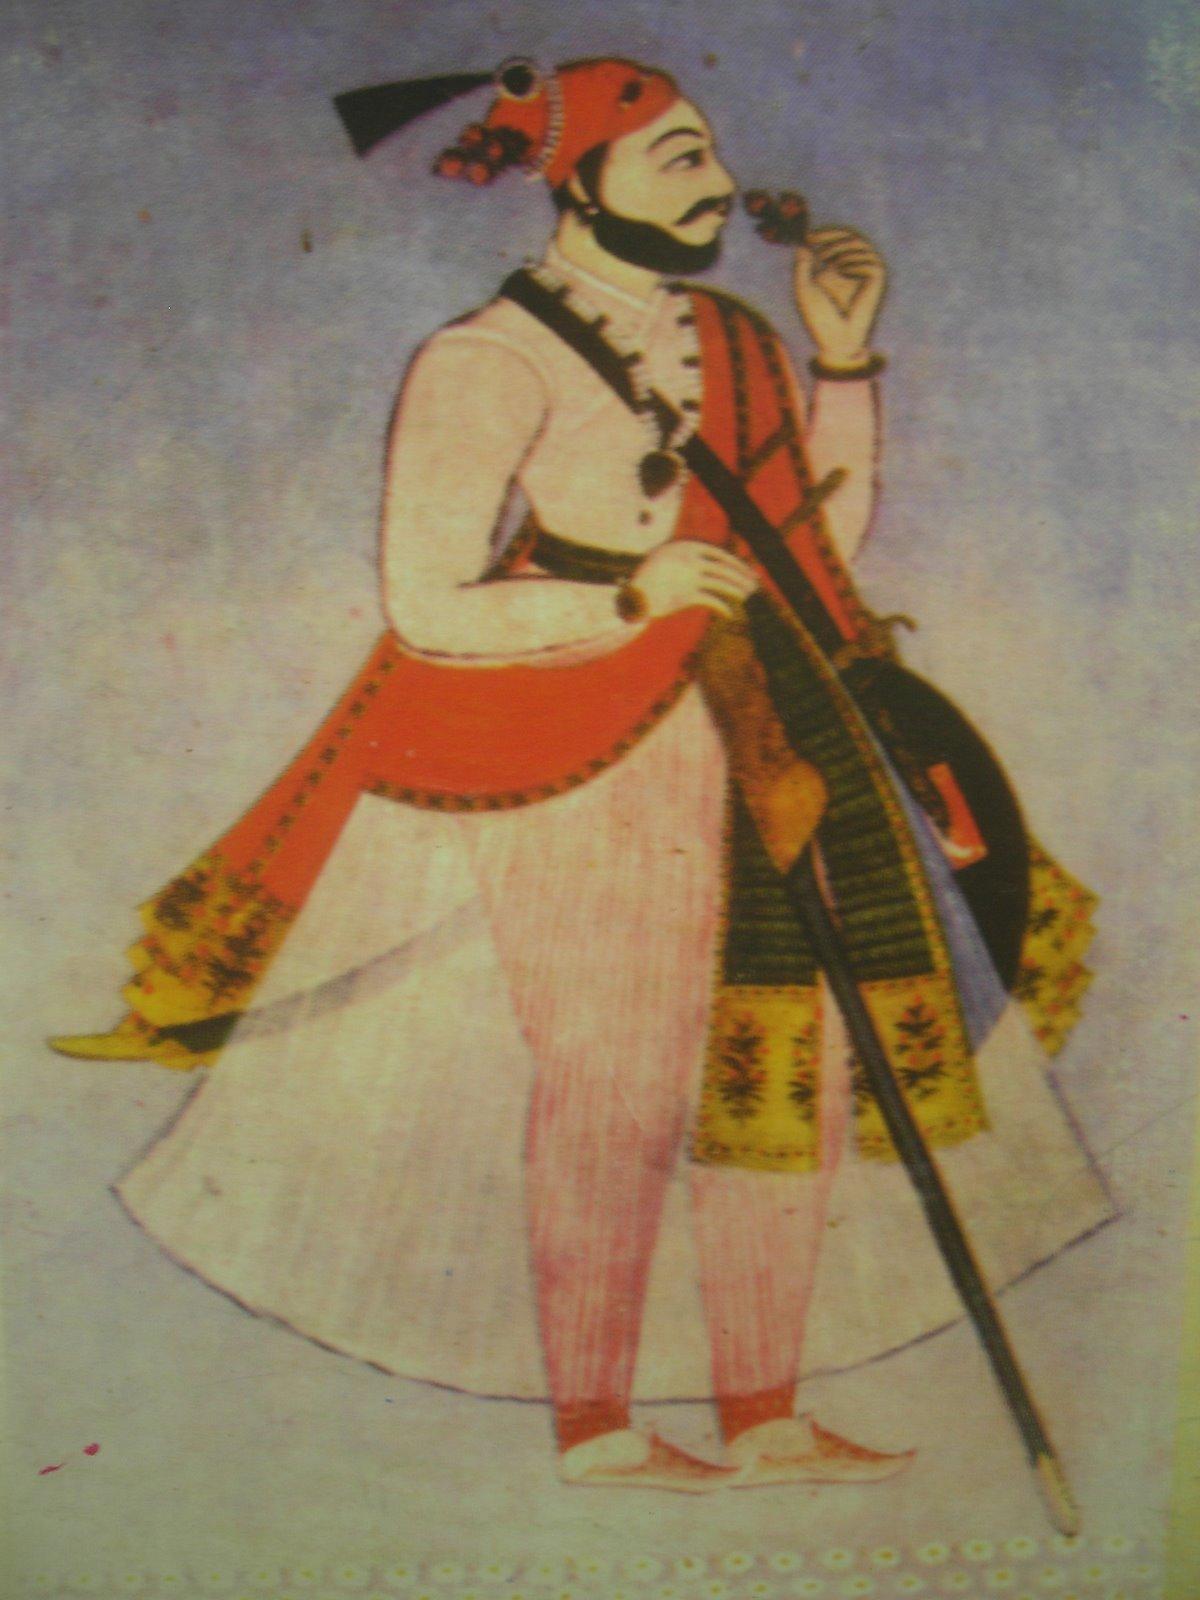 sambhaji wikidata